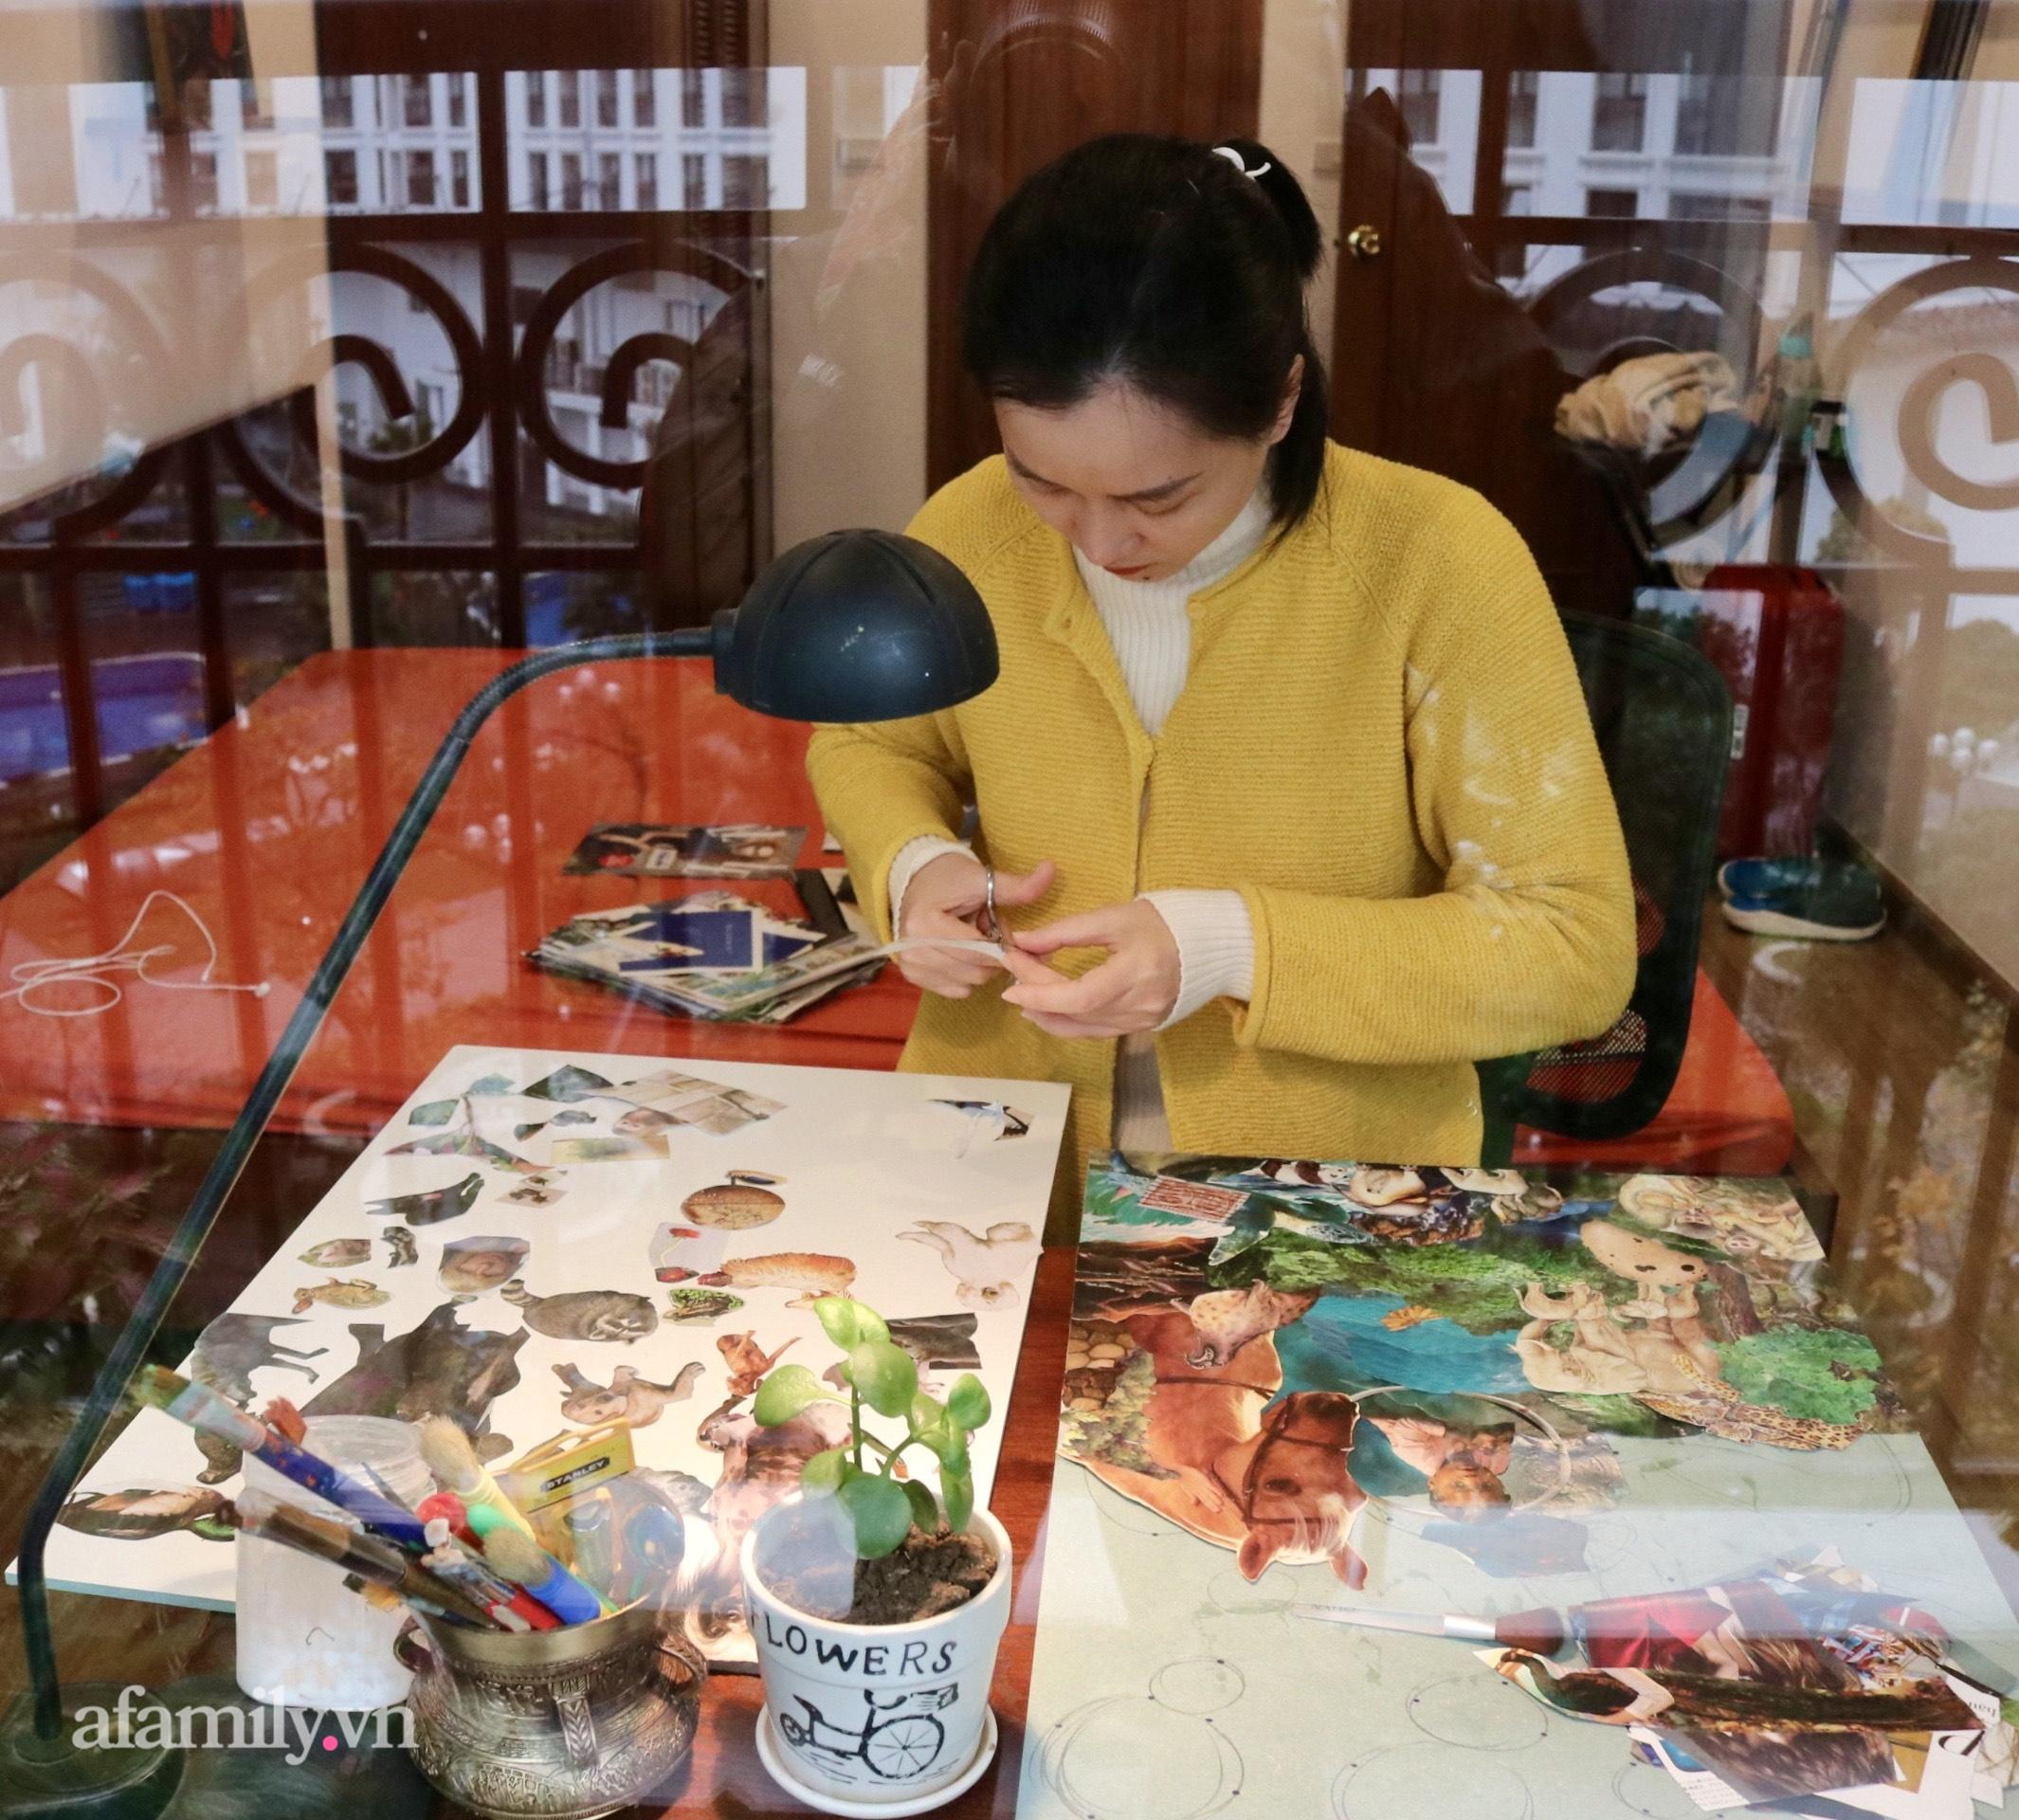 Người phụ nữ Hà Nội làm tranh xé dán độc lạ như họa sĩ chuyên nghiệp, tưởng chỉ là thú vui chơi chơi nhưng lại làm được việc rất ý nghĩa - Ảnh 7.